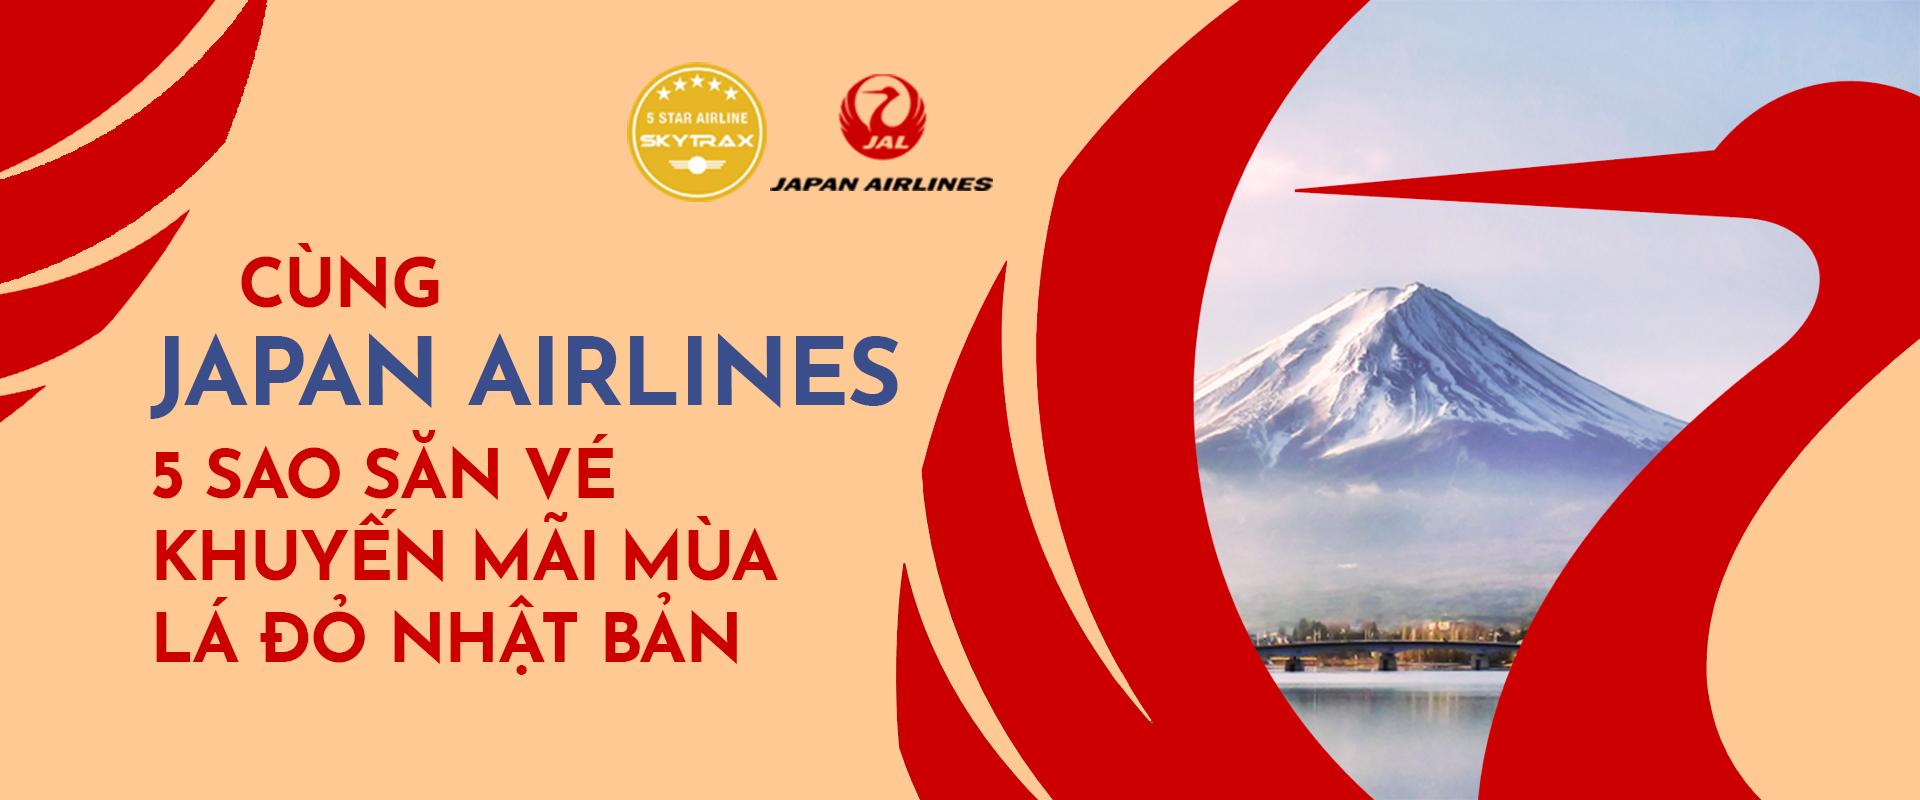 Cùng Japan Airlines 5 sao săn vé khuyến mãi du lịch Nhật Bản mùa thu